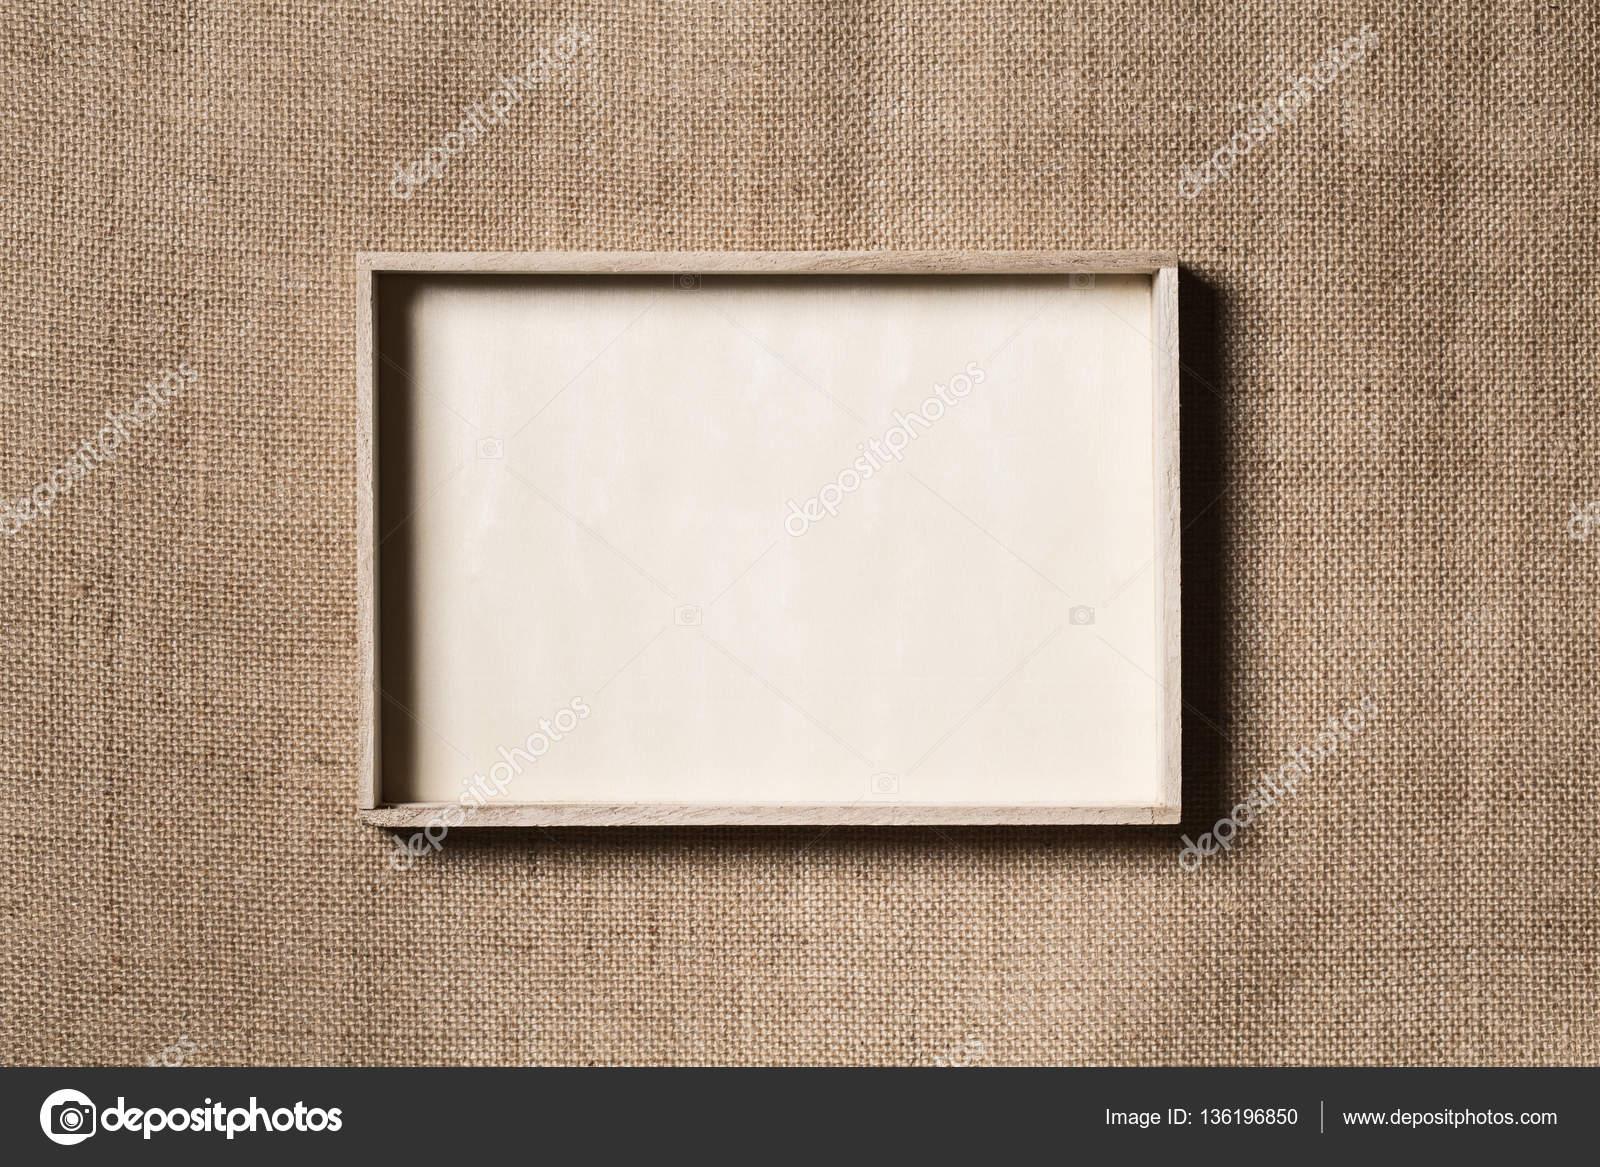 Marco de arpillera, madera frontera sobre fondo de tela de saco ...